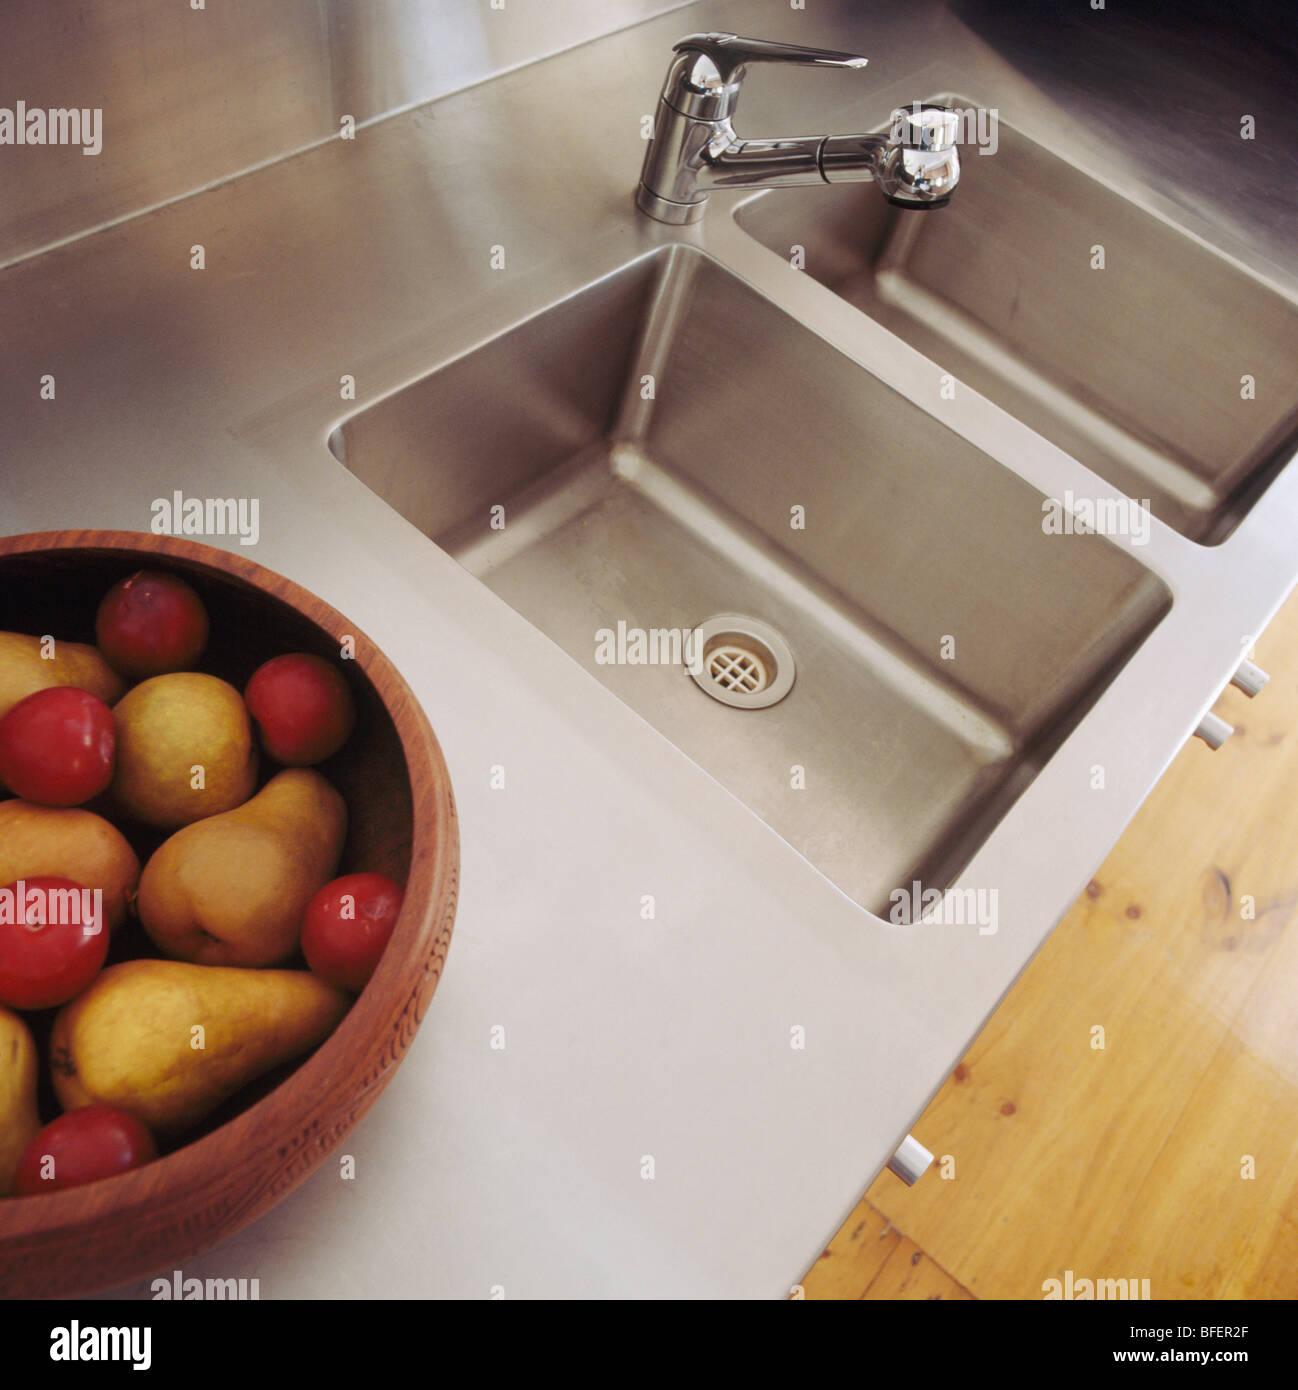 Ausgezeichnet Küchenspülen Online Uk Bilder - Ideen Für Die Küche ...